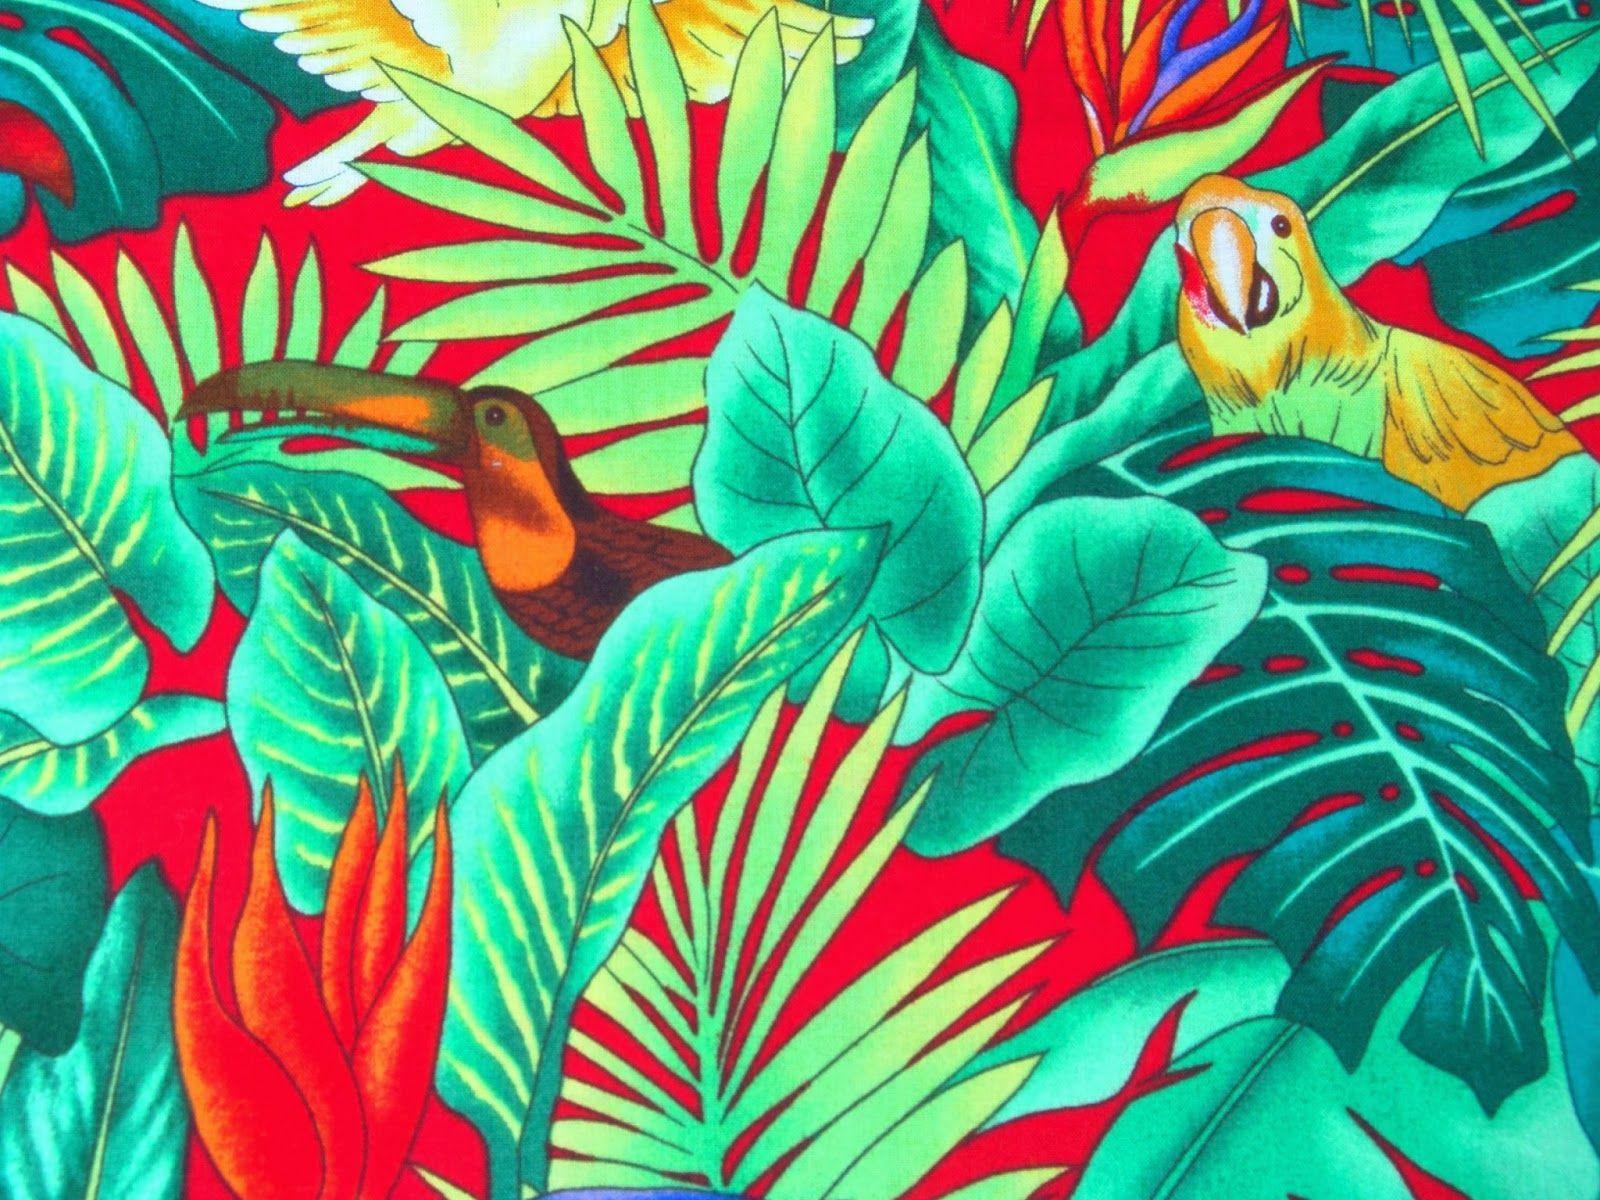 Hawaiian Floral Wallpapers Top Free Hawaiian Floral